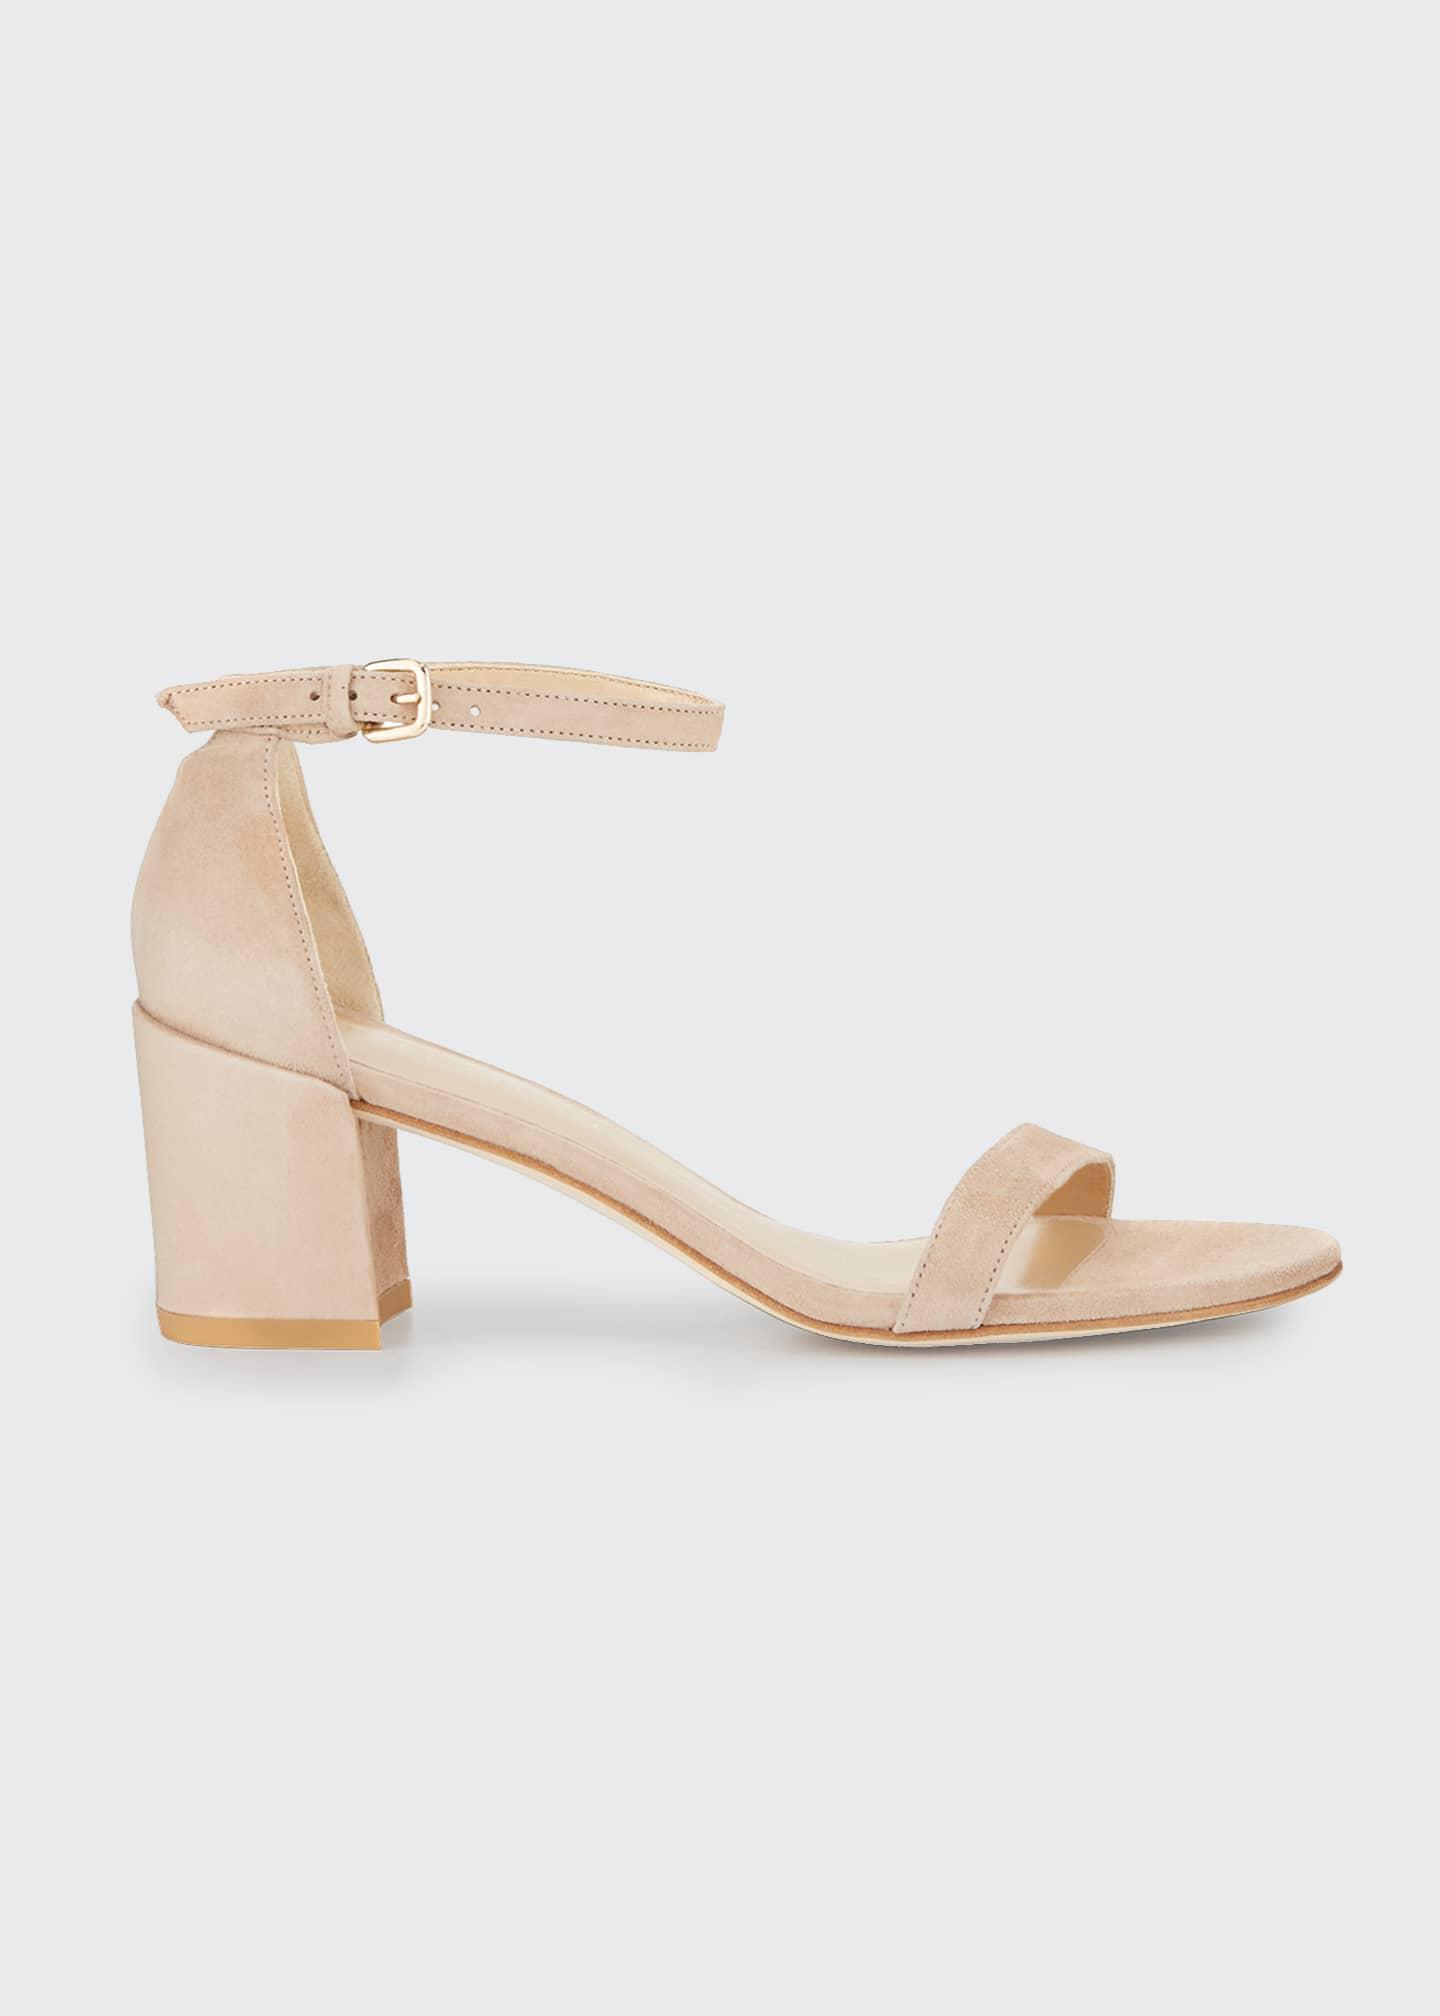 Stuart Weitzman Simple Suede Chunky-Heel City Sandals